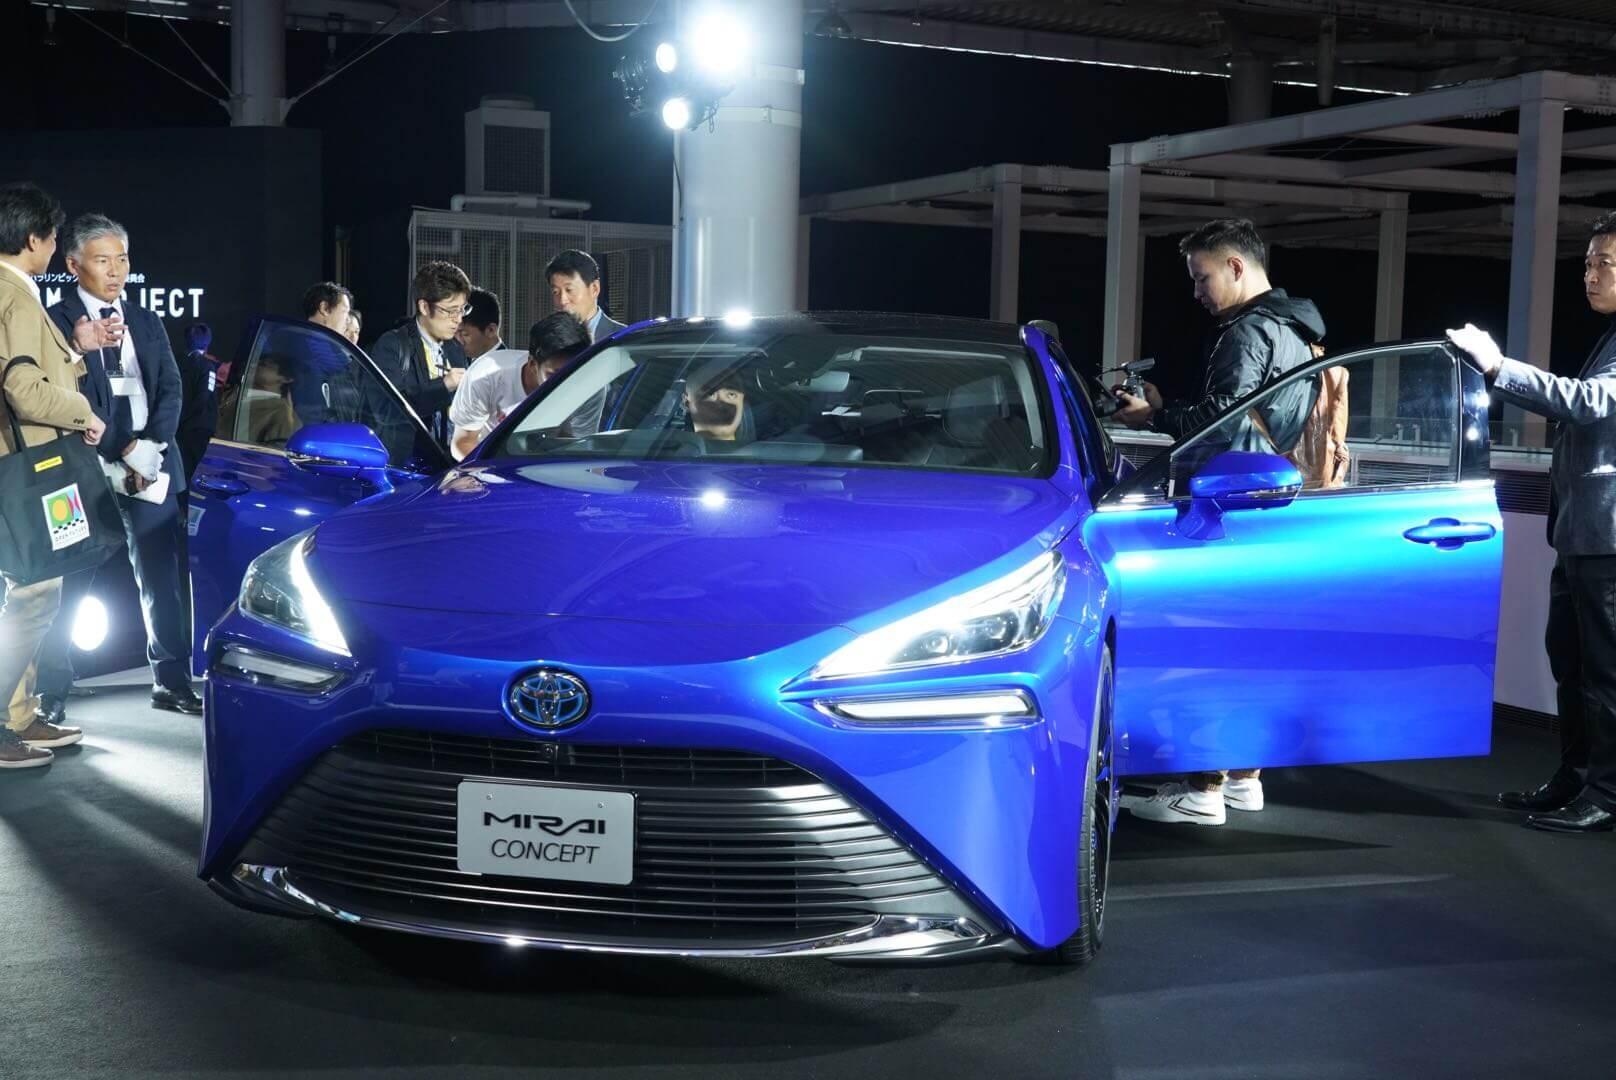 トヨタ ミライコンセプト 東京モーターショー2019